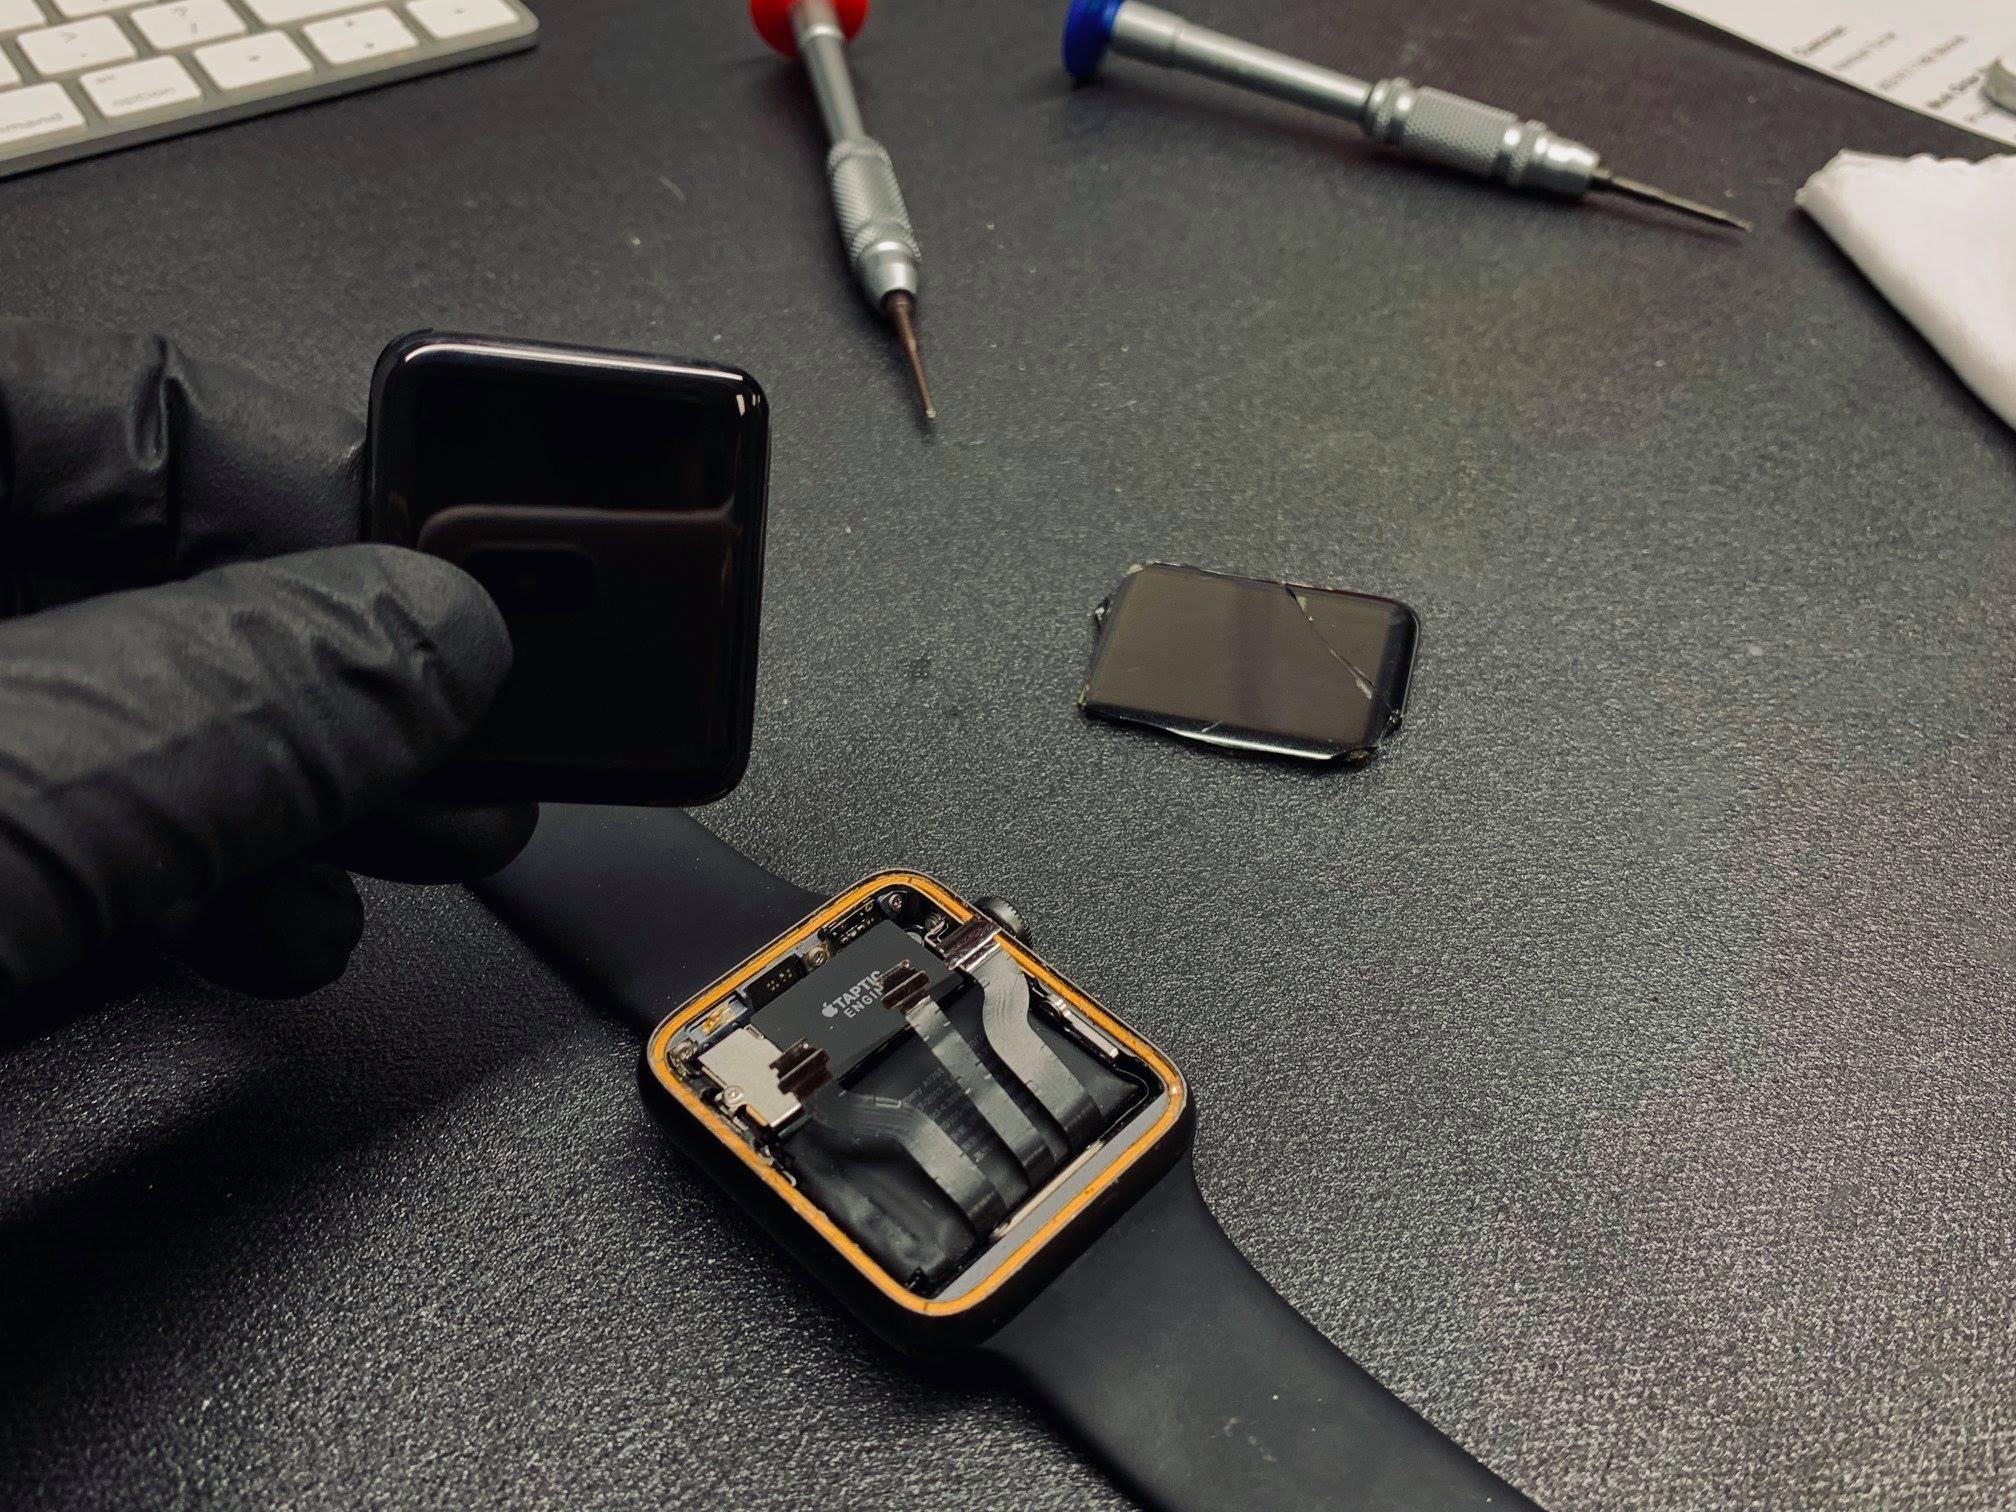 applewatchrepair.jpg